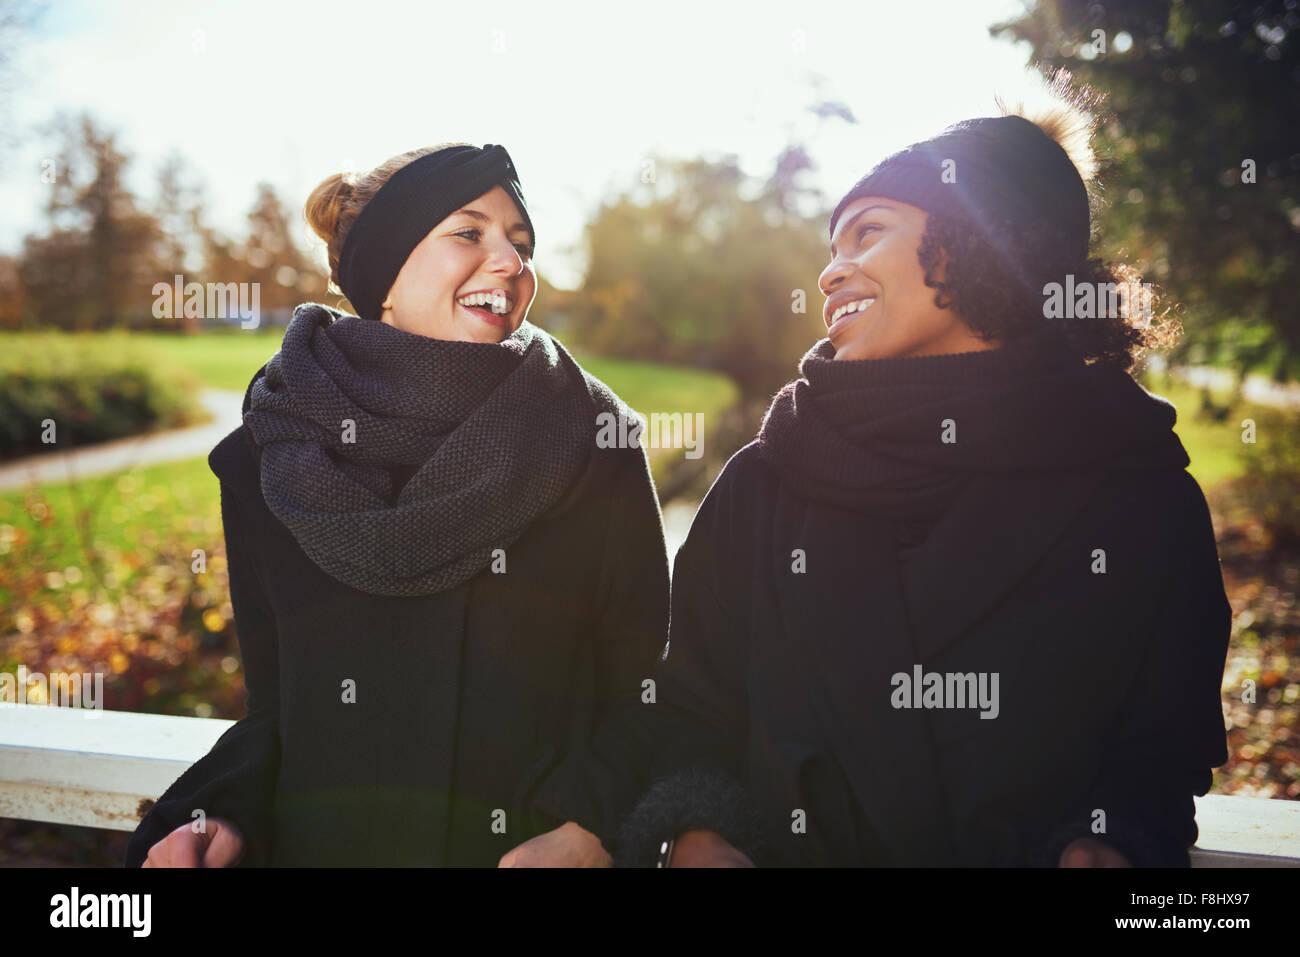 Zwei Frauen in warme Kleidung auf Brücke im Park stehen und Lächeln einander an Stockbild